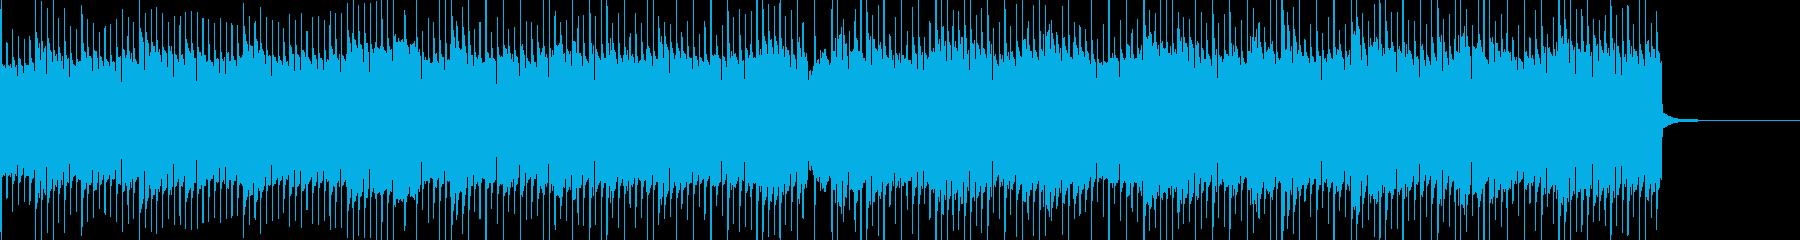 不気味なホラー系BGMの再生済みの波形